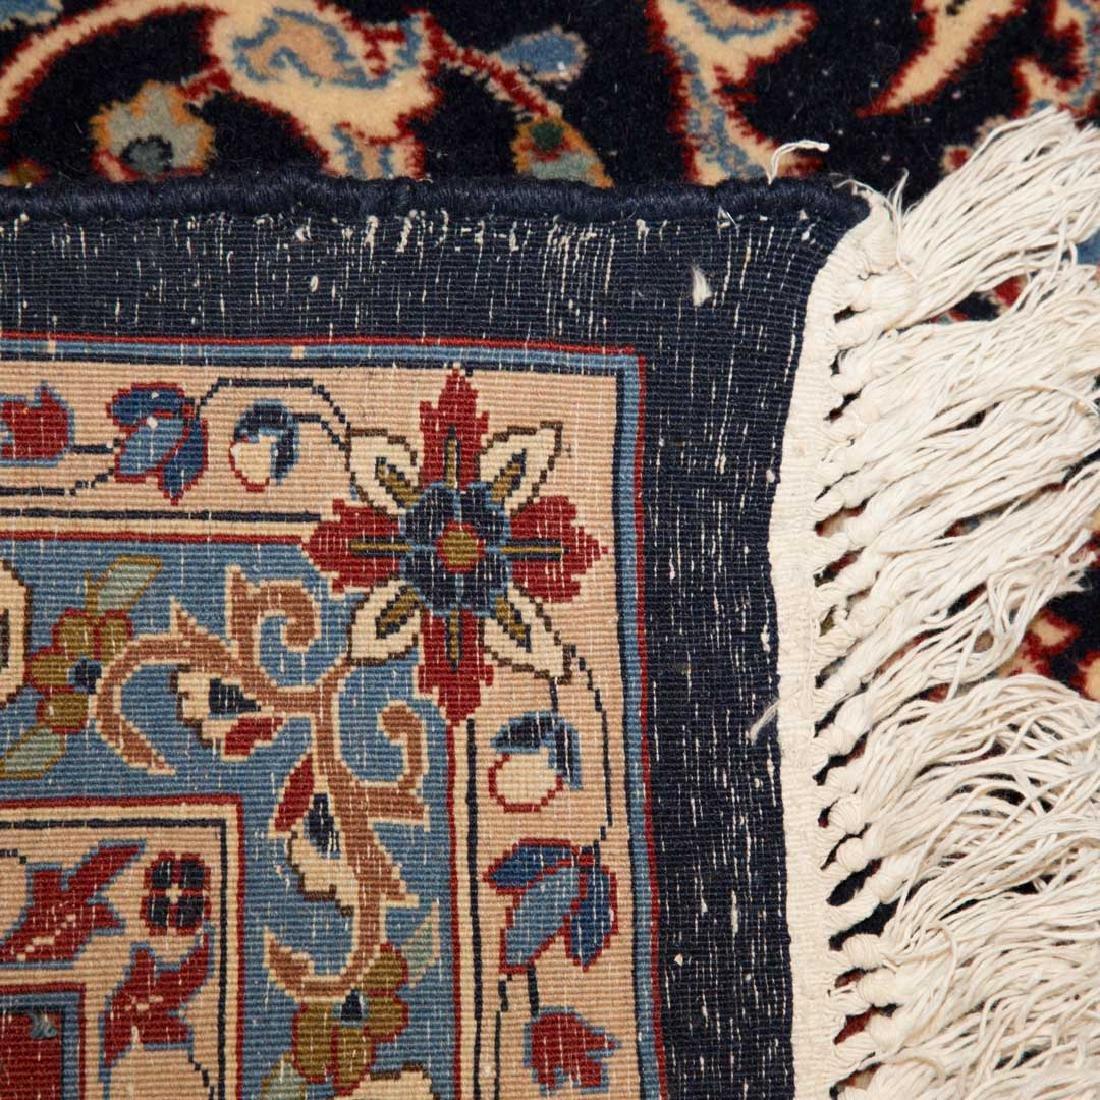 Persian Kerman carpet, approx. 11.6 x 16.4 - 3